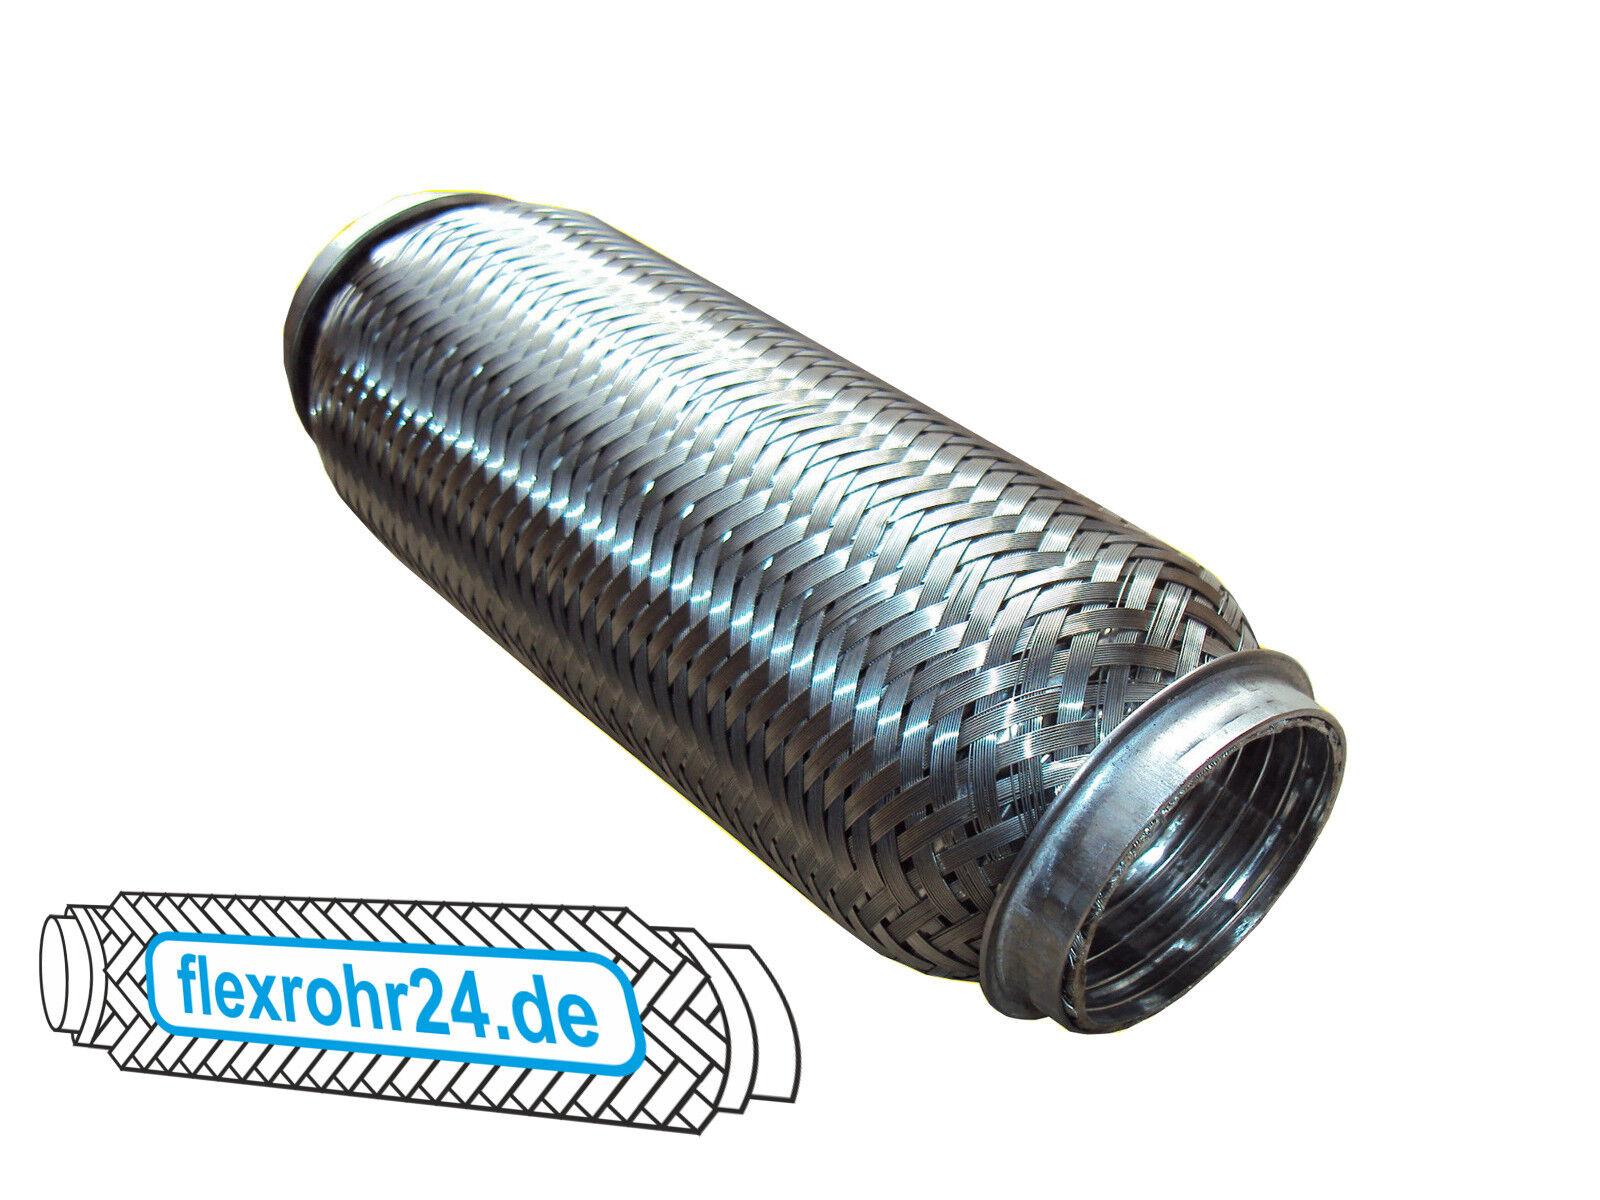 60x100 mm Flexrohr Flexibles Auspuff Hosenrohr Flexstück Edelstal